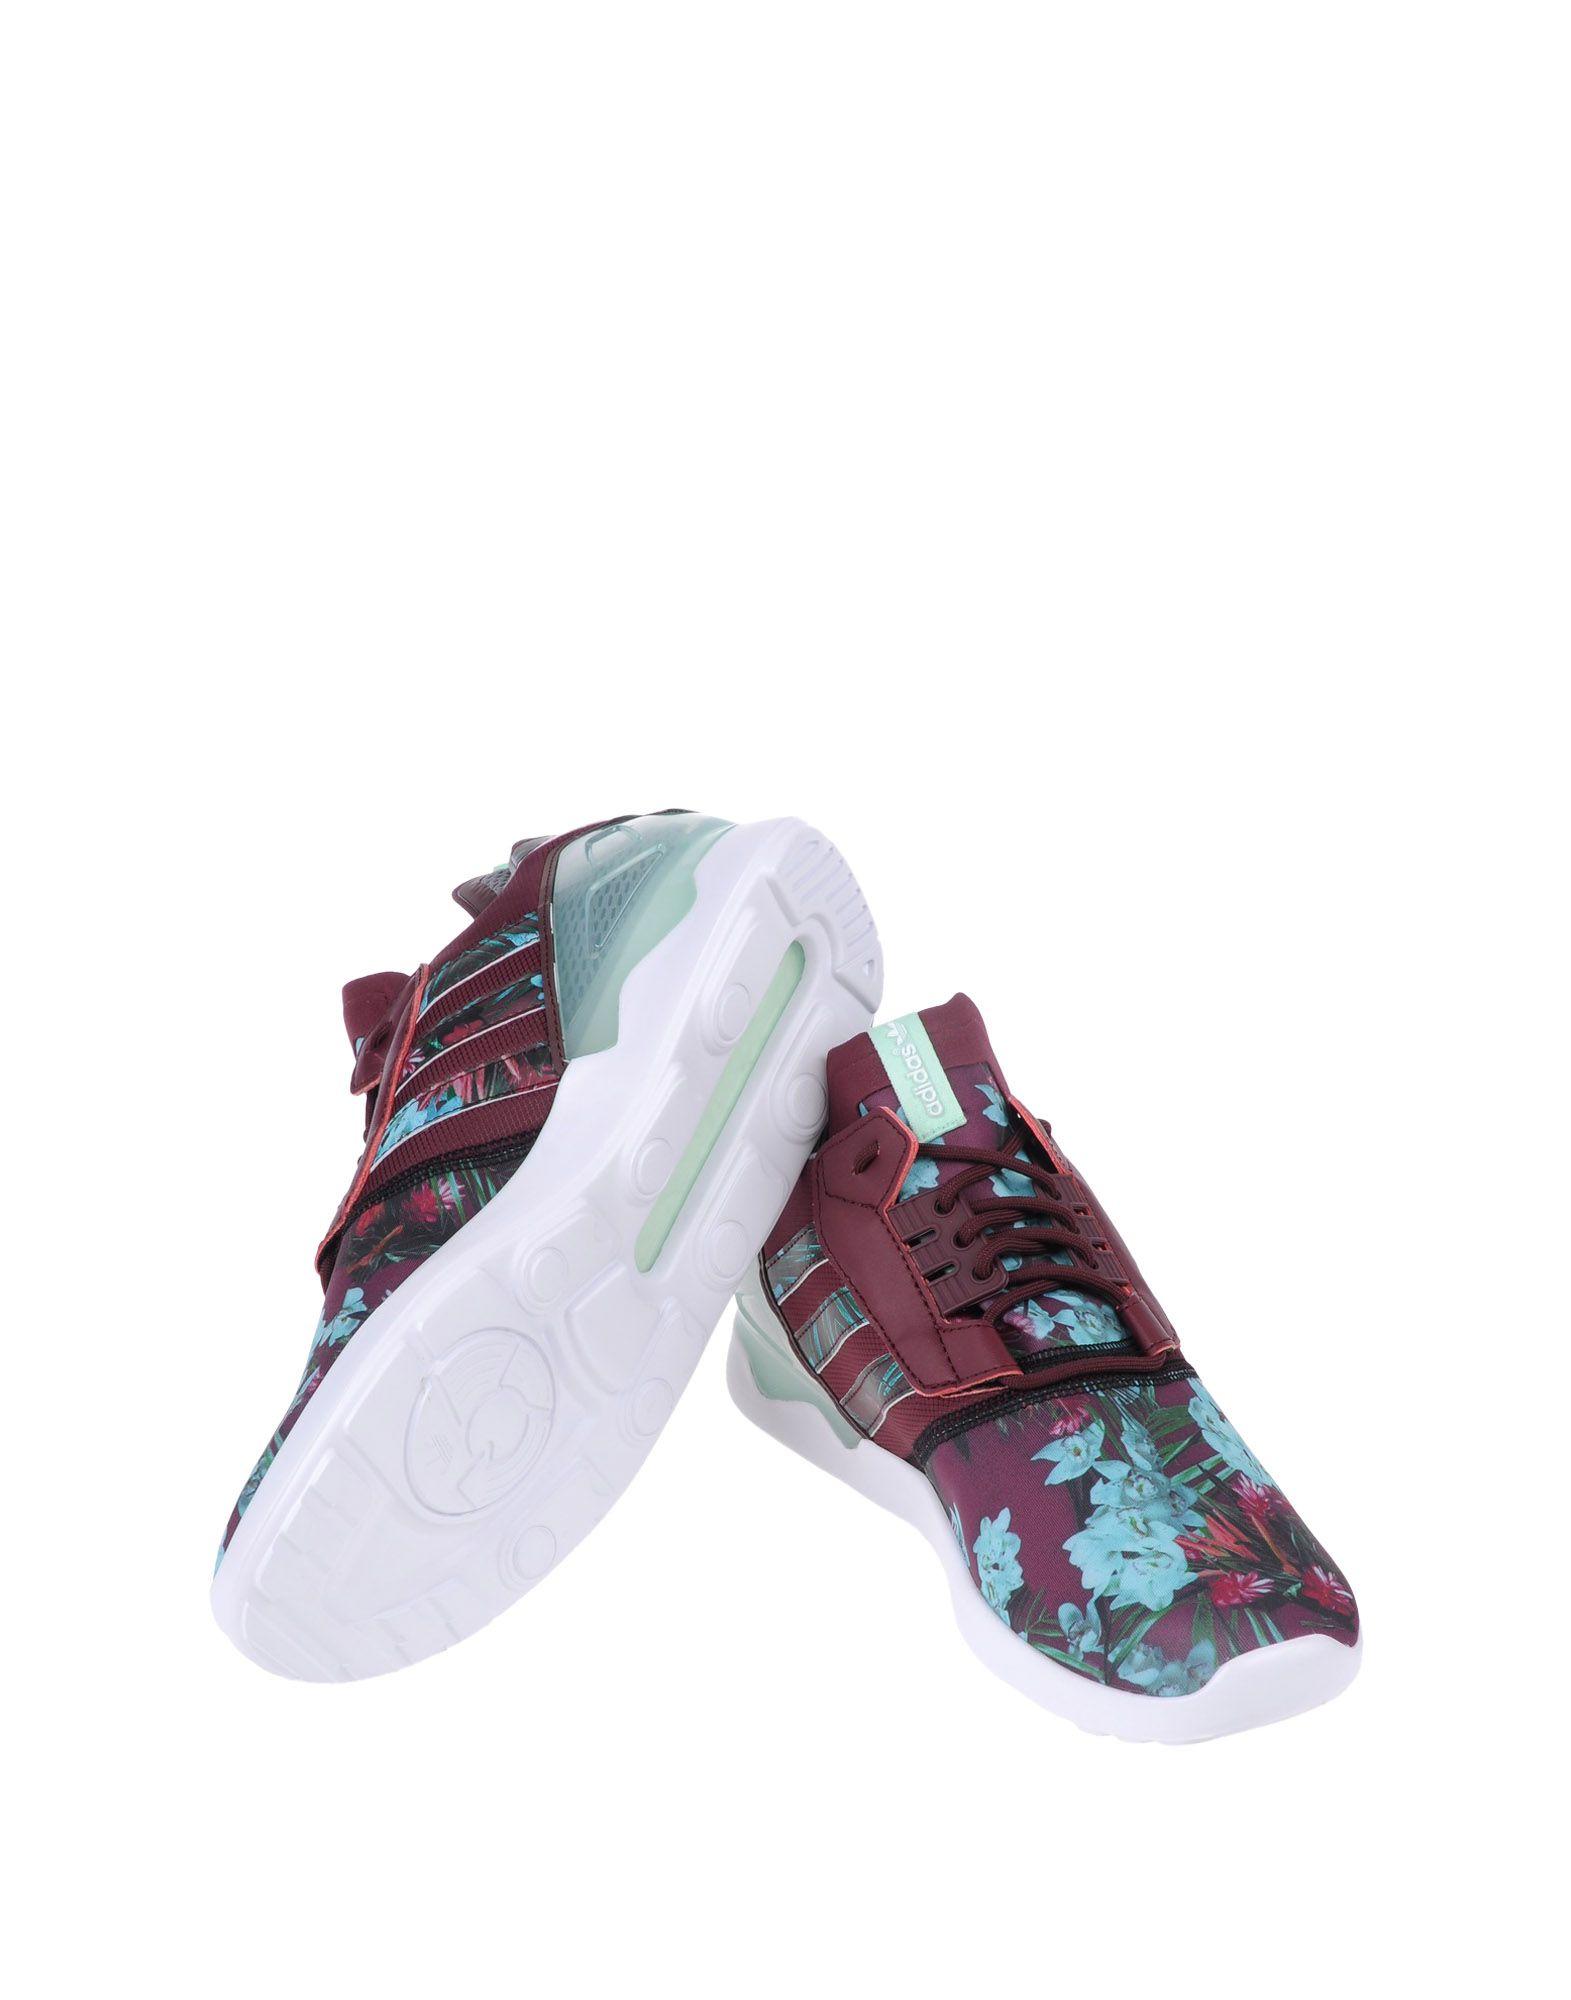 Adidas 8000 Originals Zx 8000 Adidas Boost  44919330EI 7e06c8